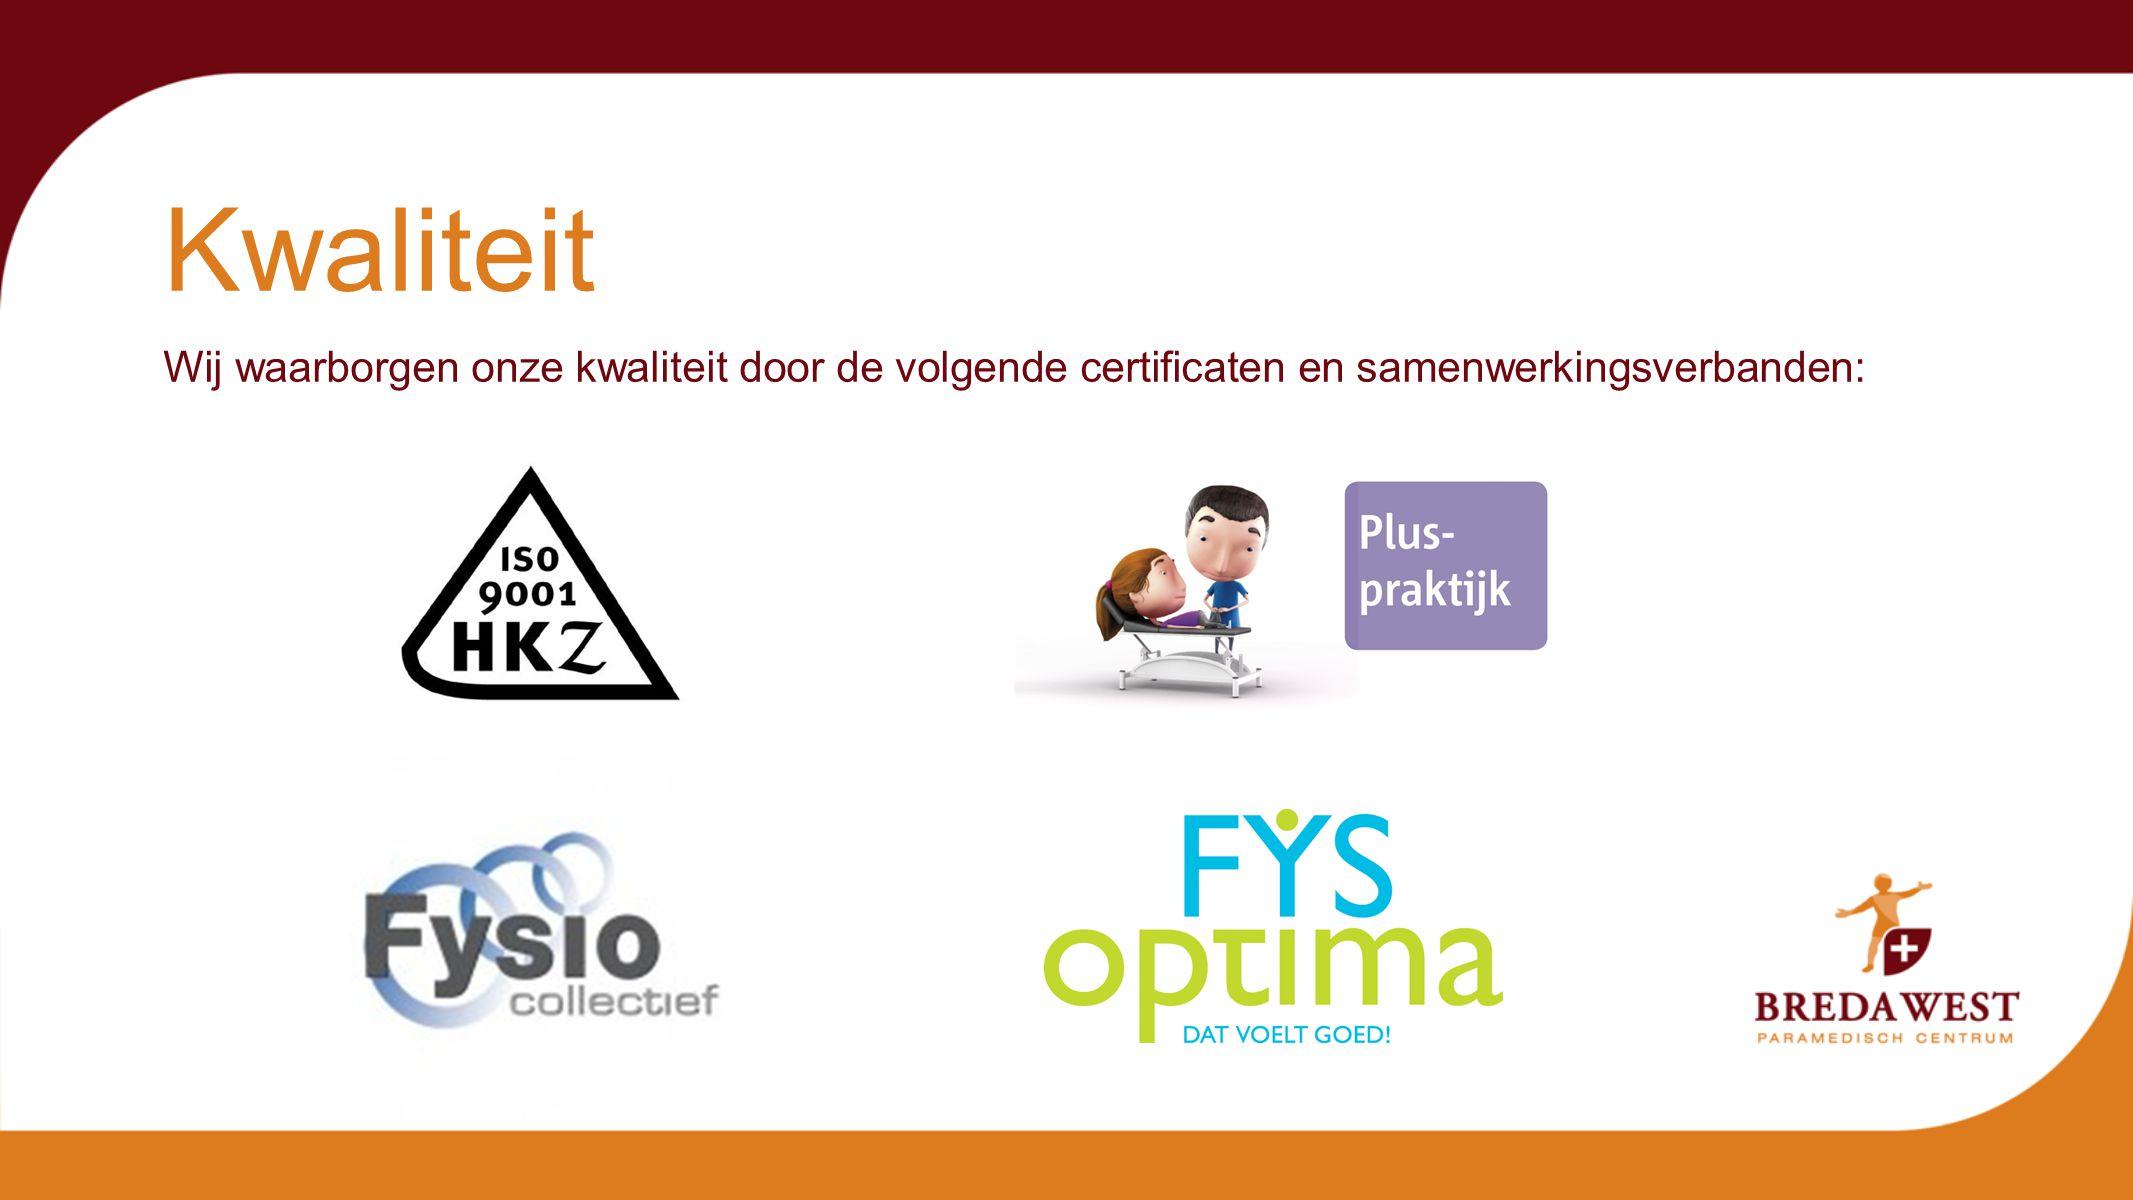 Wij waarborgen onze kwaliteit door de volgende certificaten en samenwerkingsverbanden: Kwaliteit